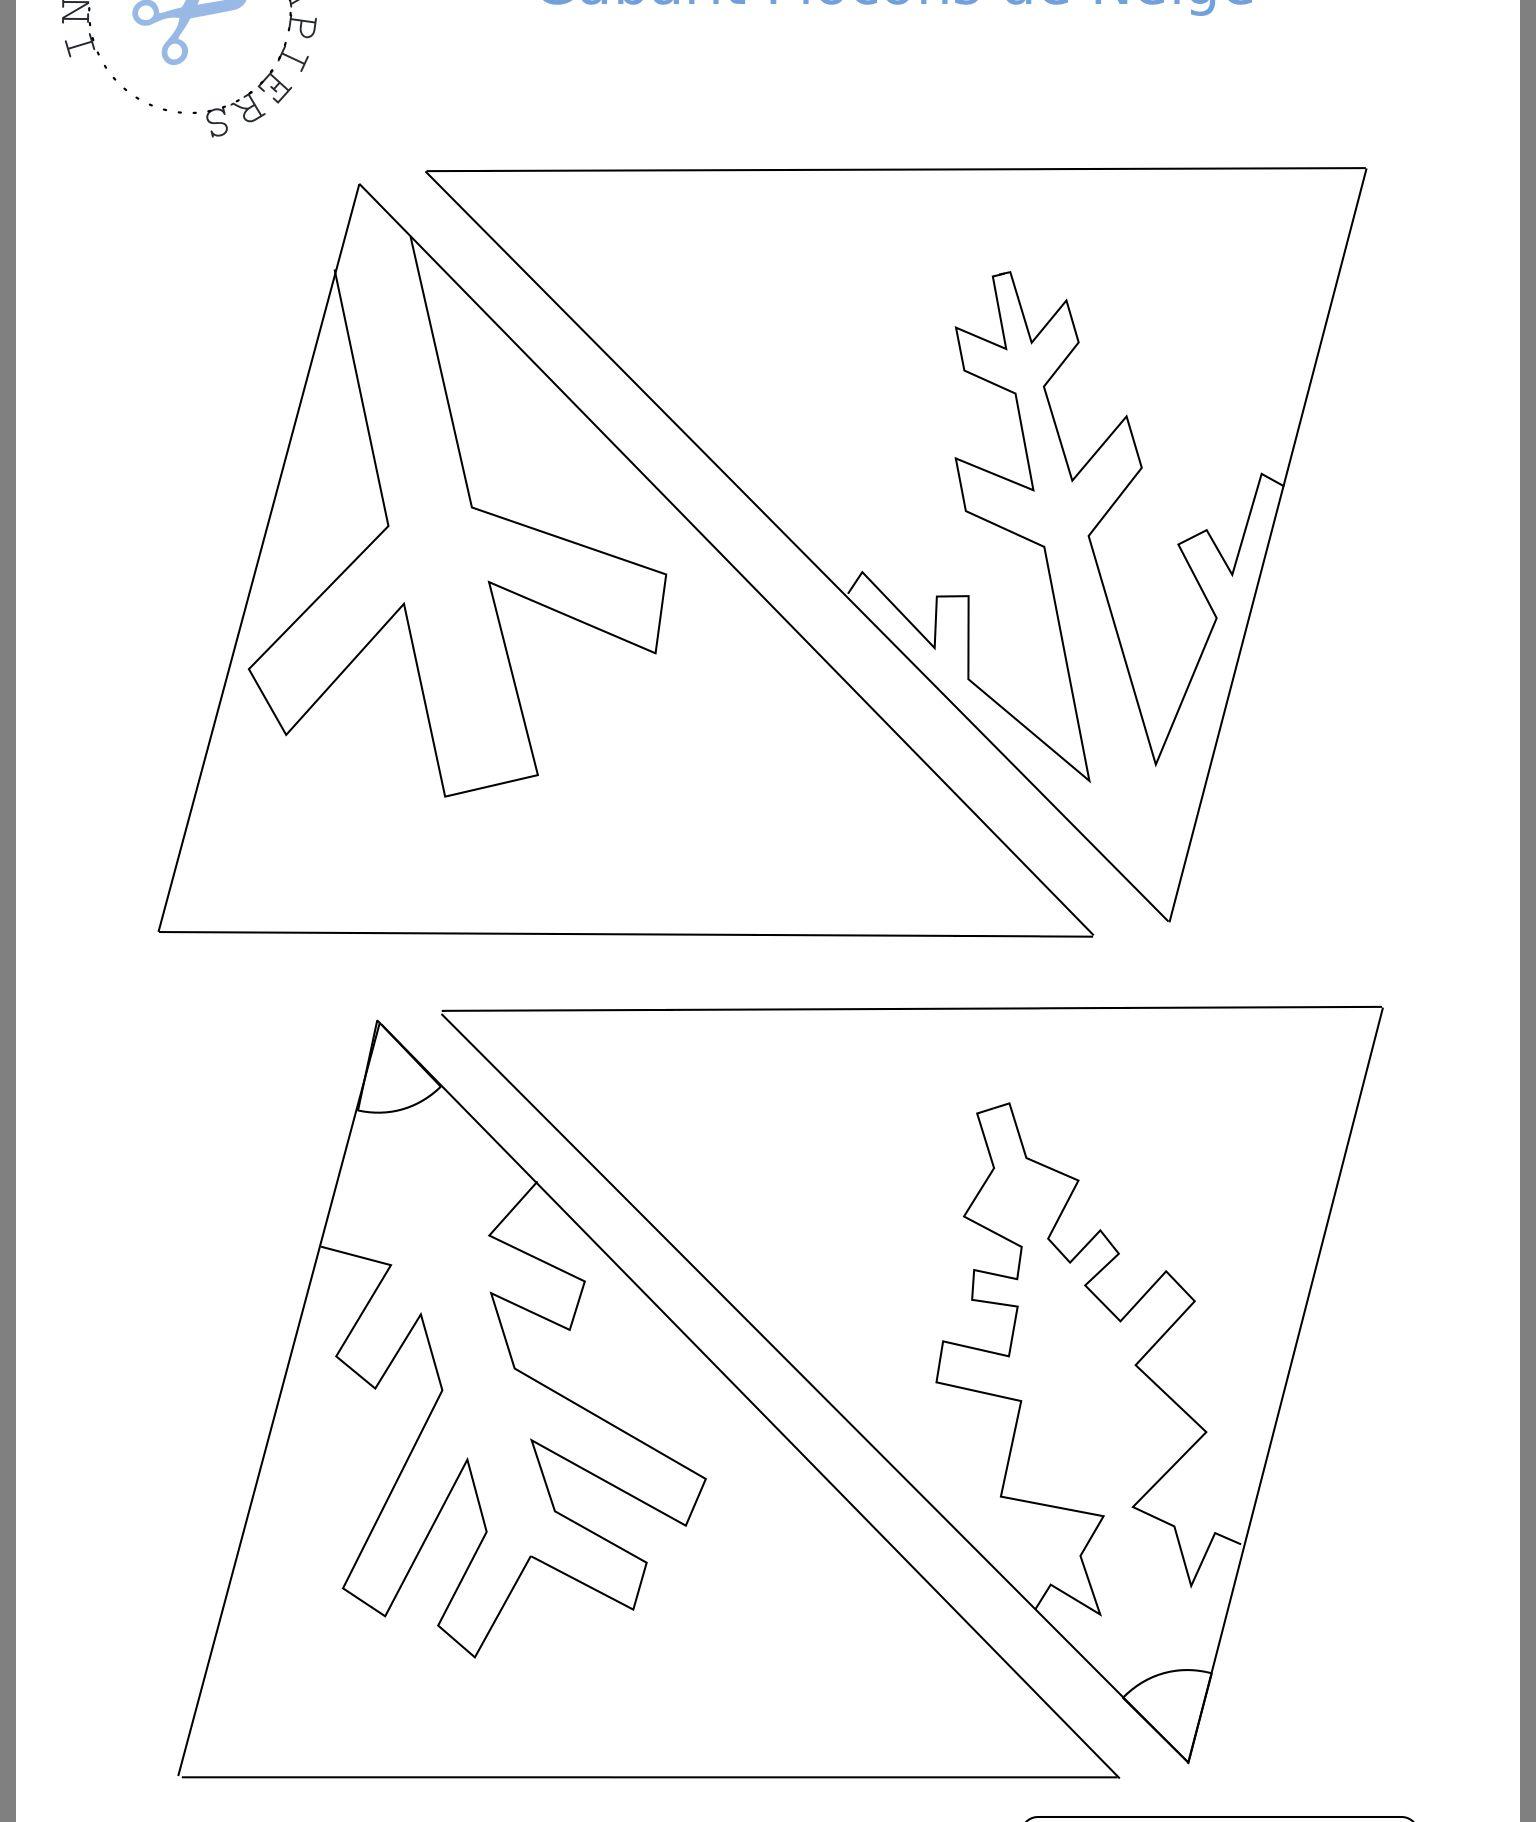 Epingle Par Anne Brouckaert Sur Origami Flocons De Neige En Papier Flocon De Neige Flocons De Neige Maternelle